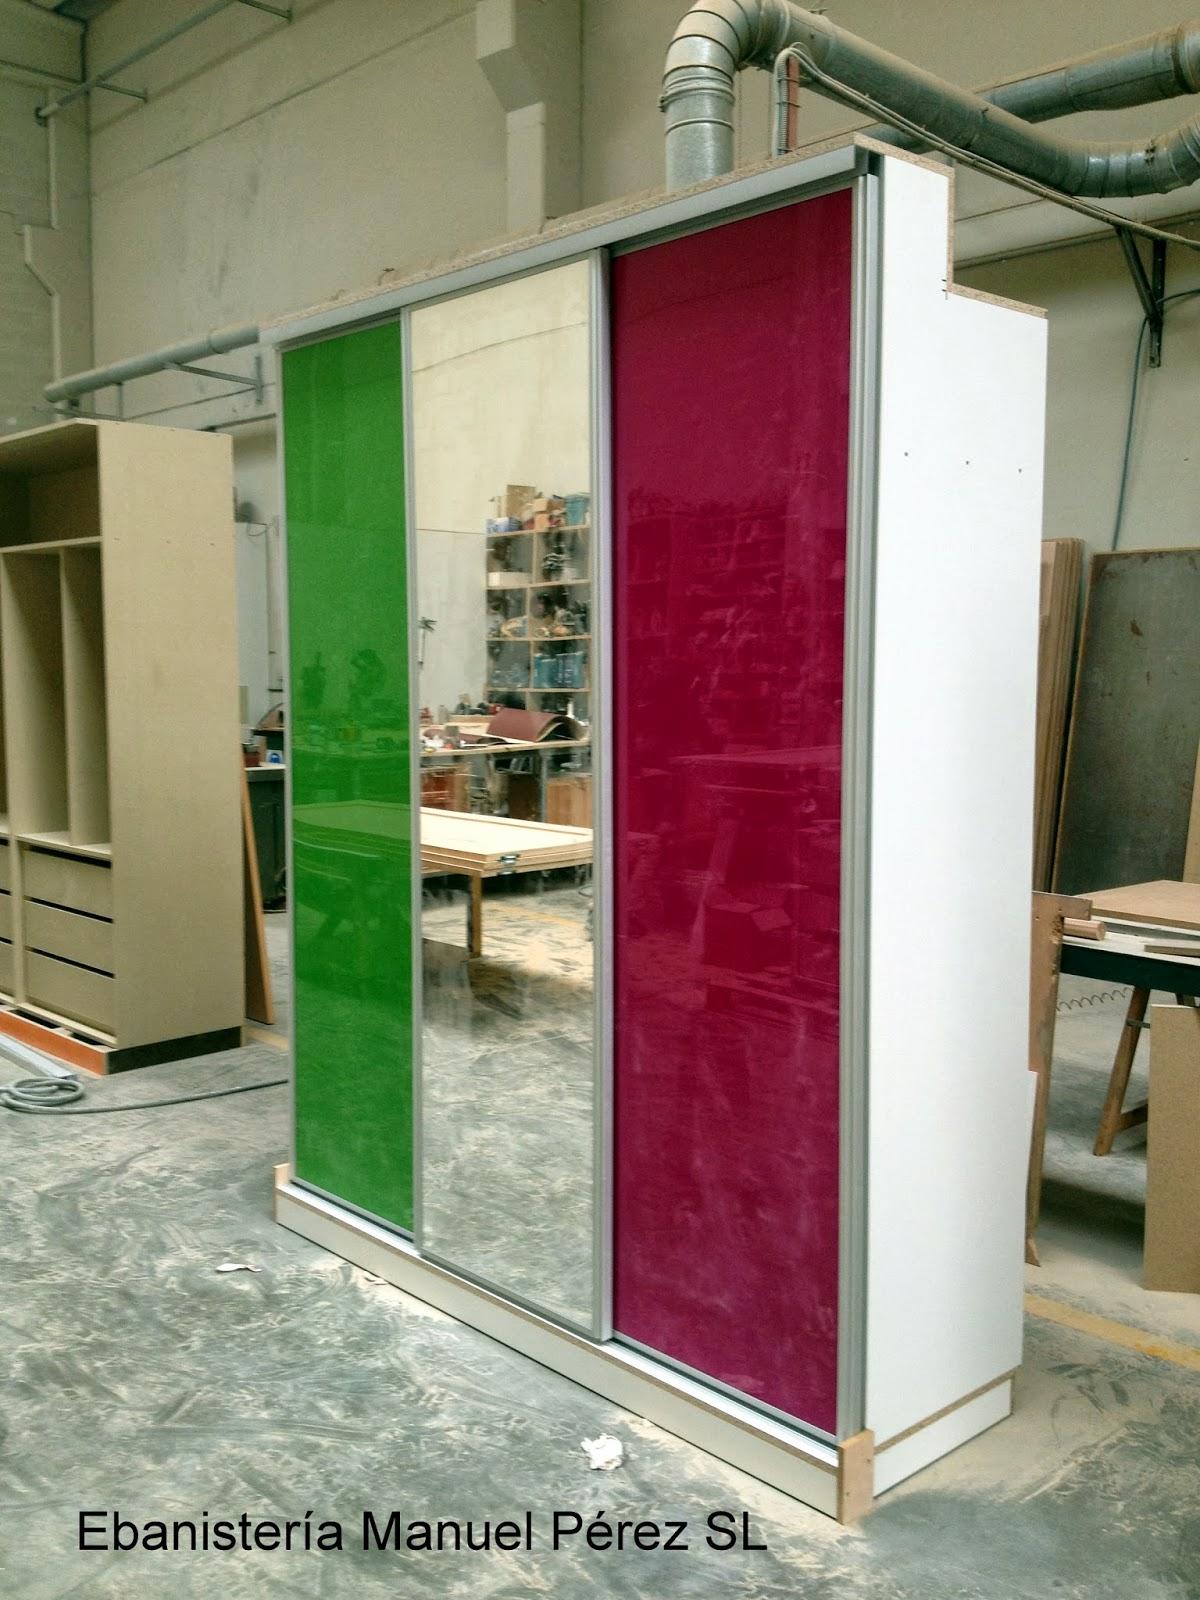 Ebanisteria carpinteria manuel perez zaragoza armario a medida con puertas correderas de - Armario con puertas de cristal ...